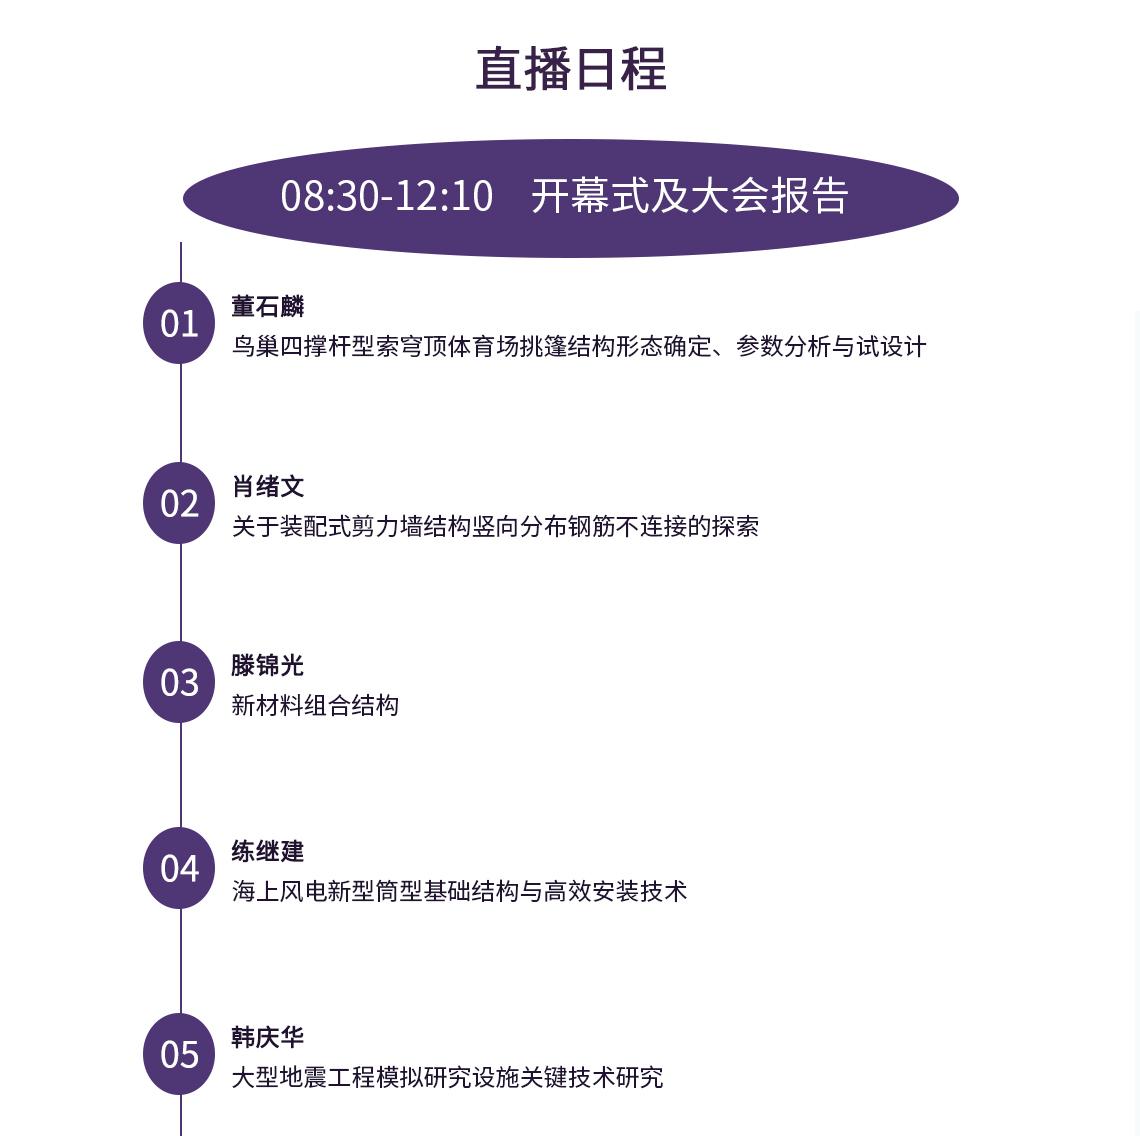 大型地震工程模拟研究设施关键技术研究国家杰青 天津大学建筑工程学院院长 教授韩庆华